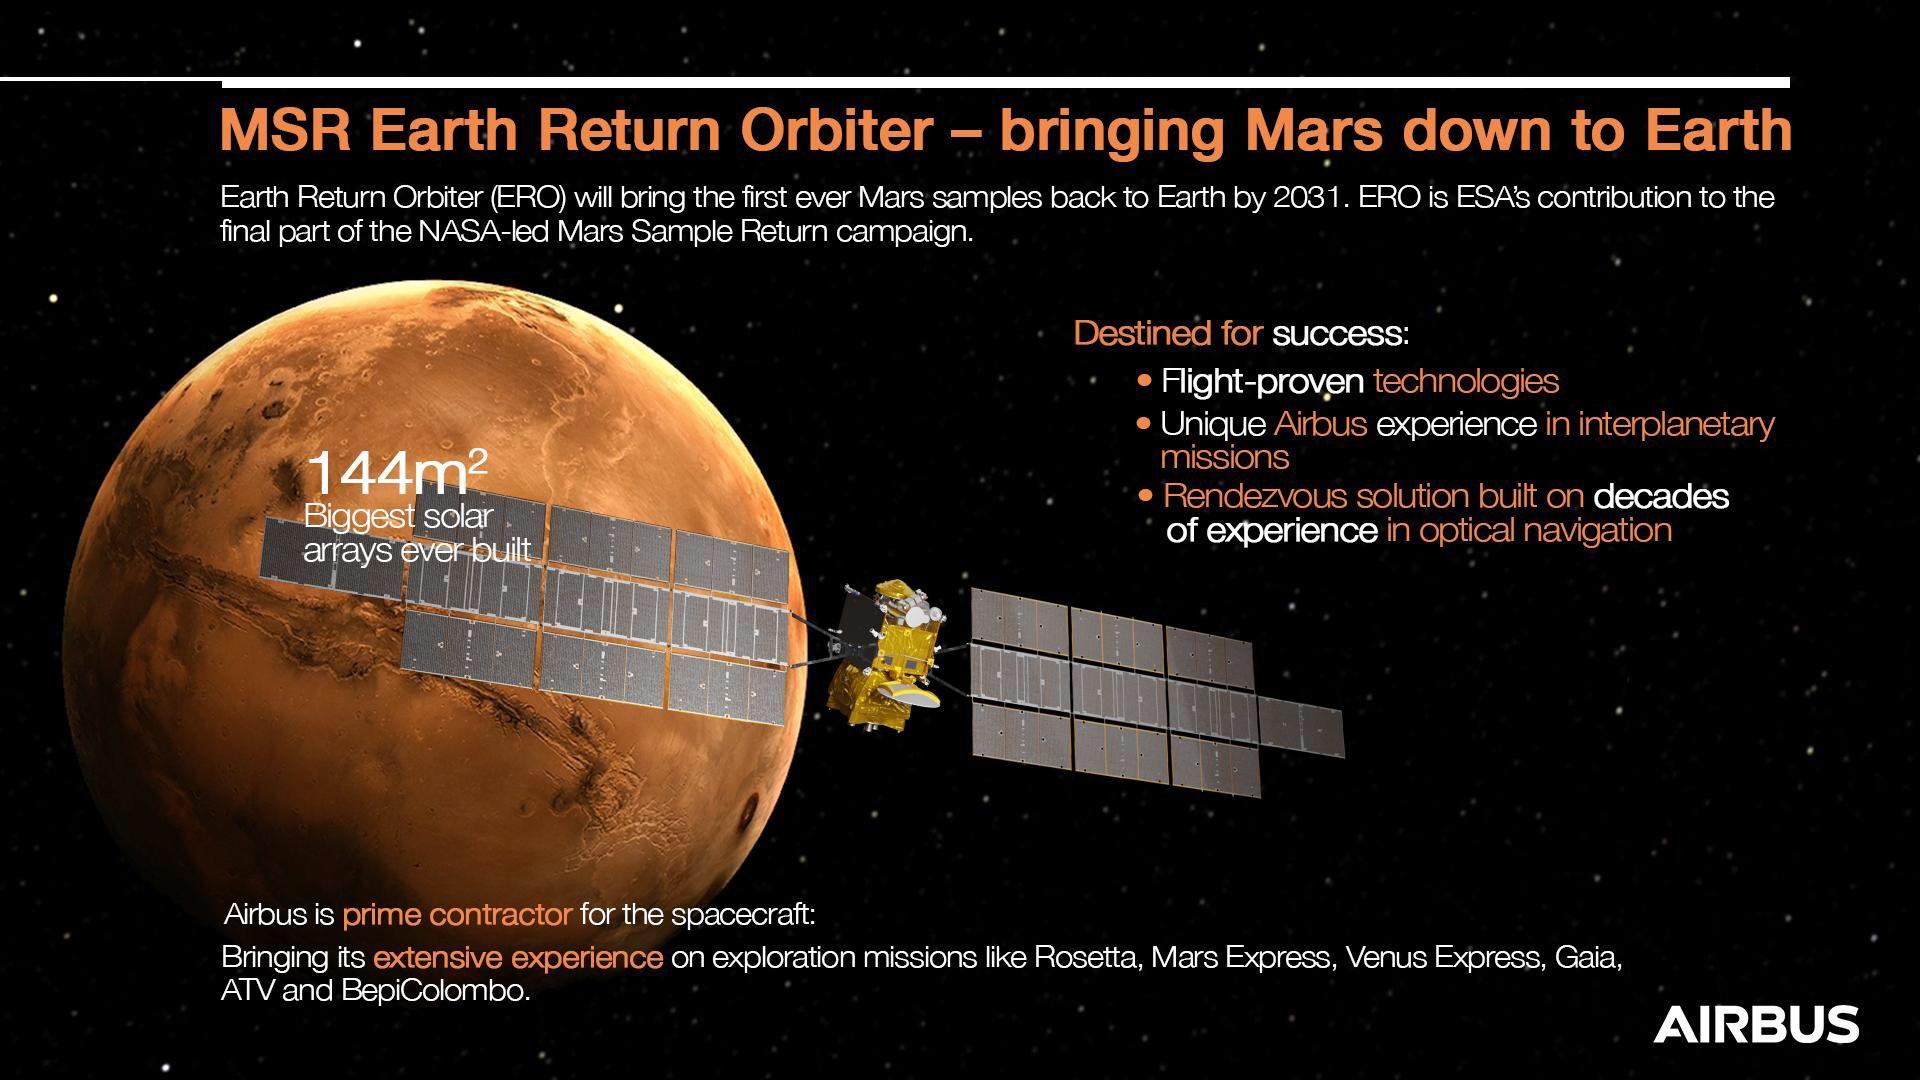 Mission de retour d'échantillons martiens en 2026 - Page 3 EeC6pYCXgAAtO0N?format=jpg&name=large